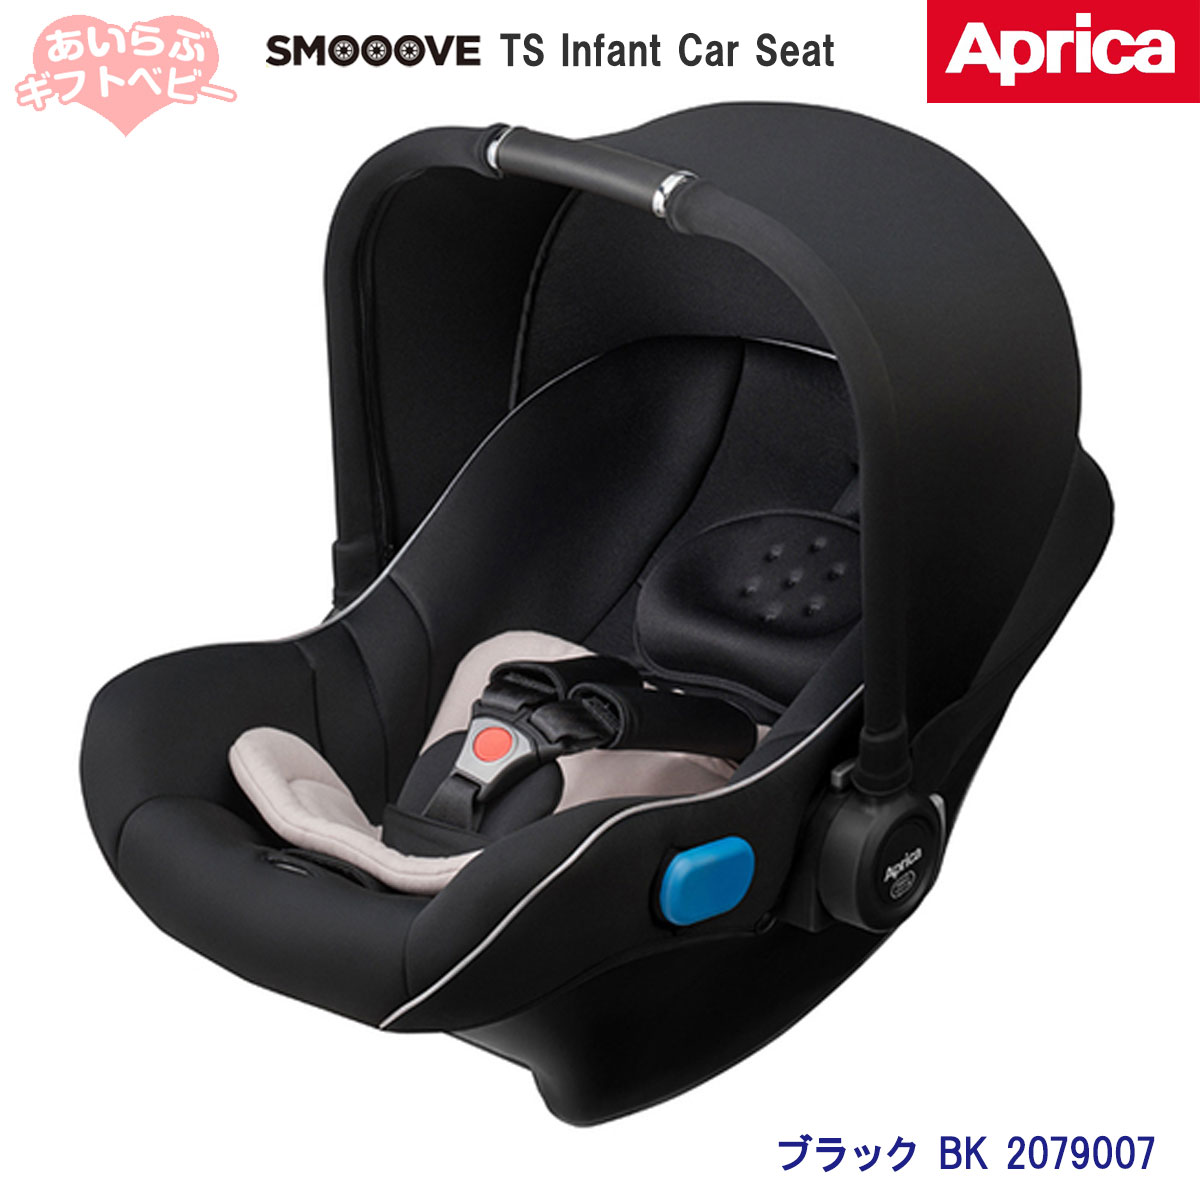 【送料無料】アップリカ スムーヴ TS インファントカーシートAB ブラック BK 2079007 / チャイルドシート Aprica SMOOVE SMOOOVE 5wayトラベルシステム 【新生児から1歳頃まで】